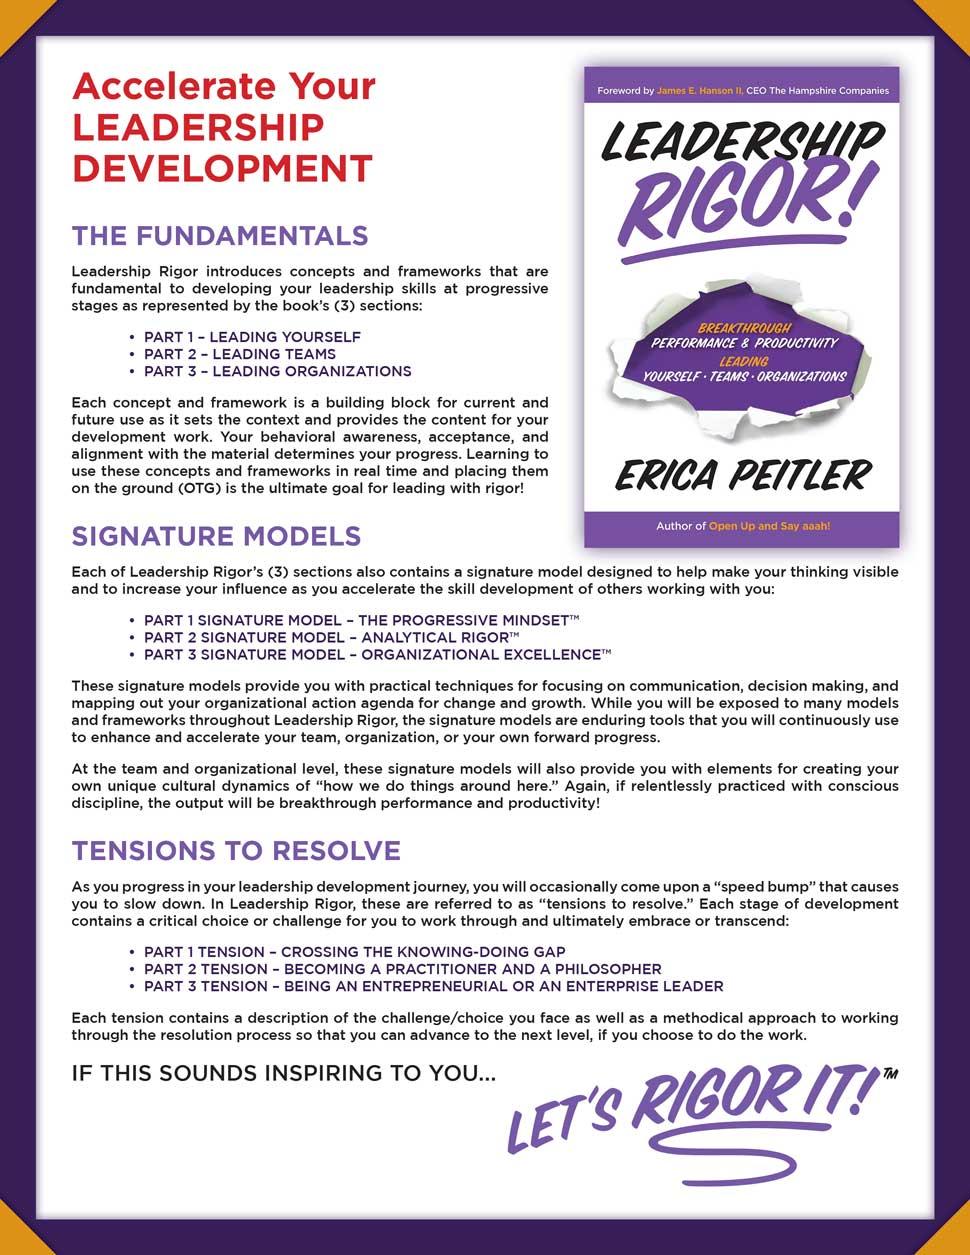 Erica-Pietler-Rigor-Flyer-2